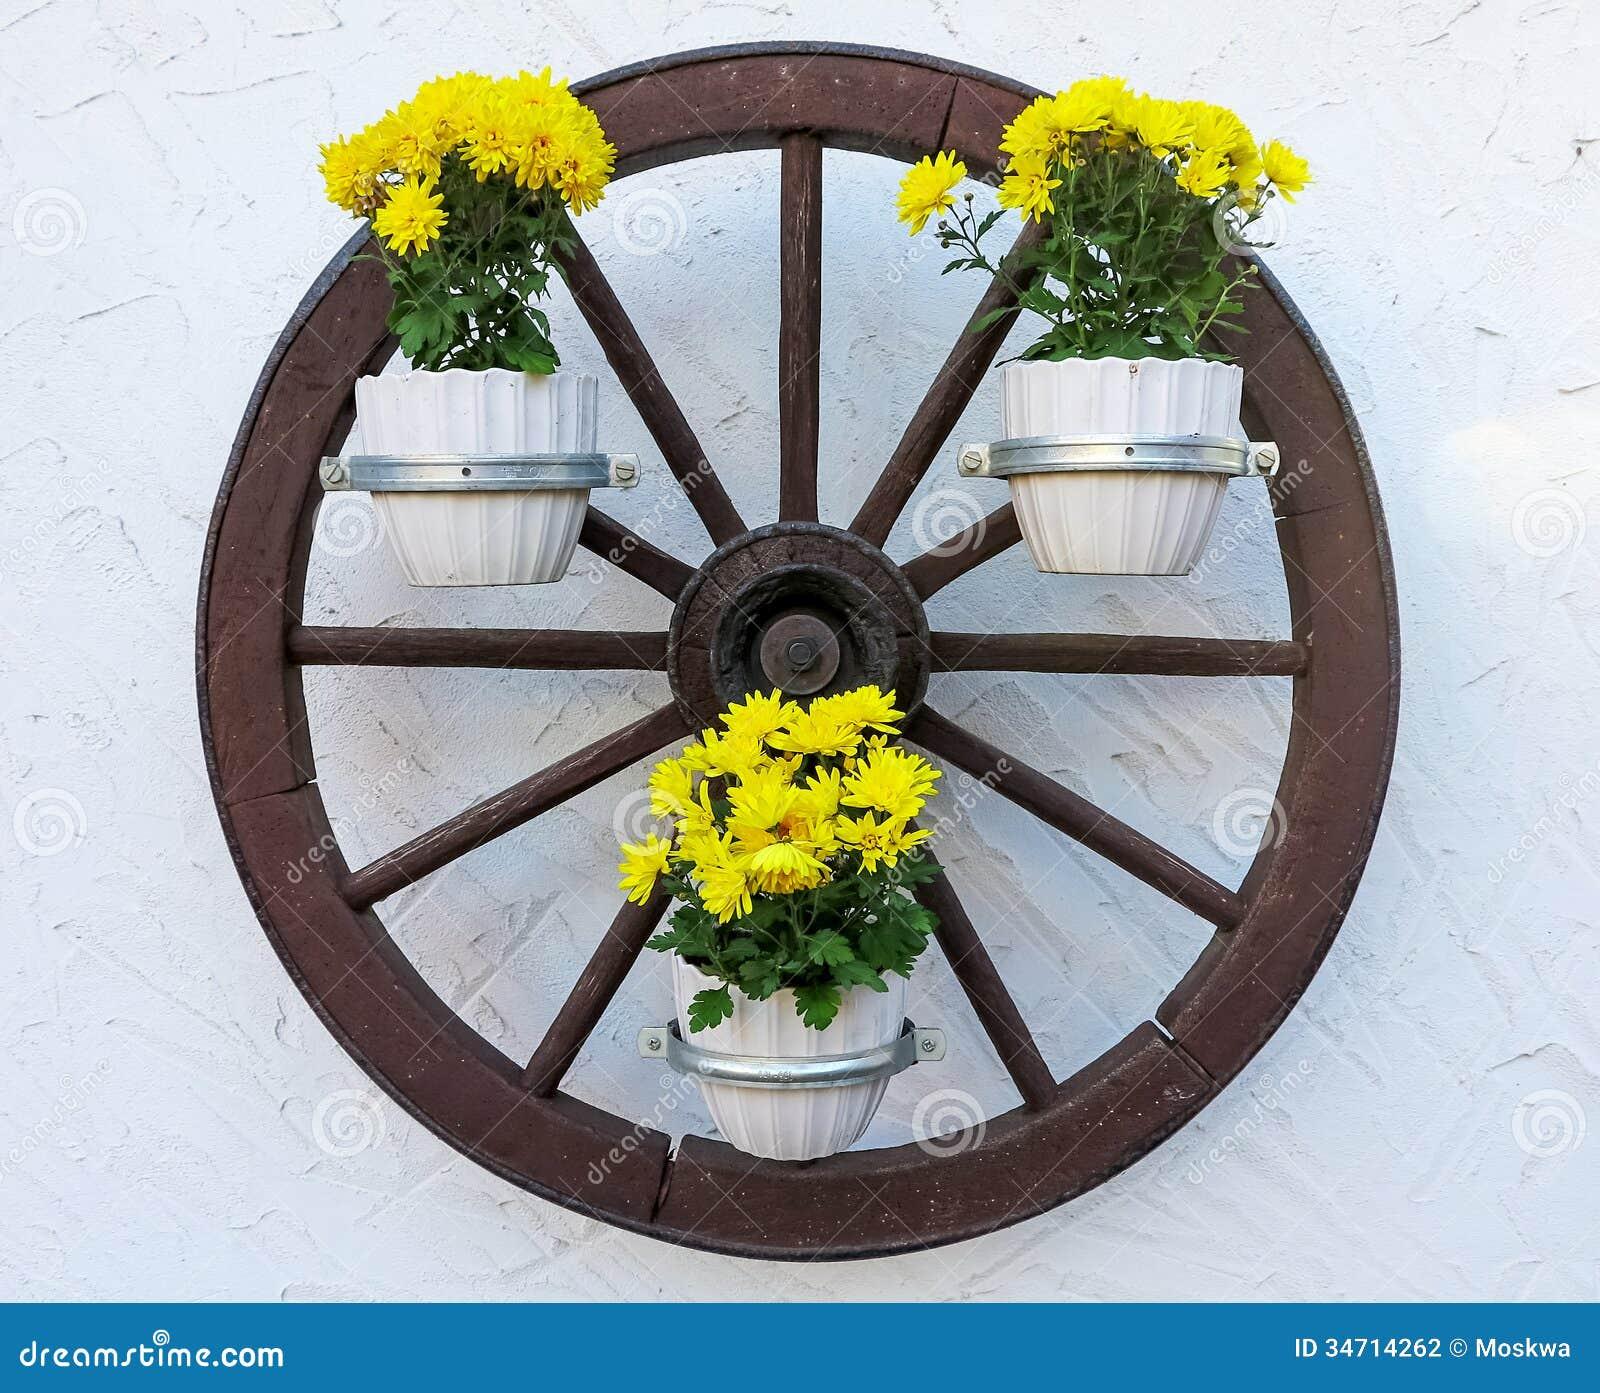 roue de chariot d cor e des fleurs photographie stock image 34714262. Black Bedroom Furniture Sets. Home Design Ideas